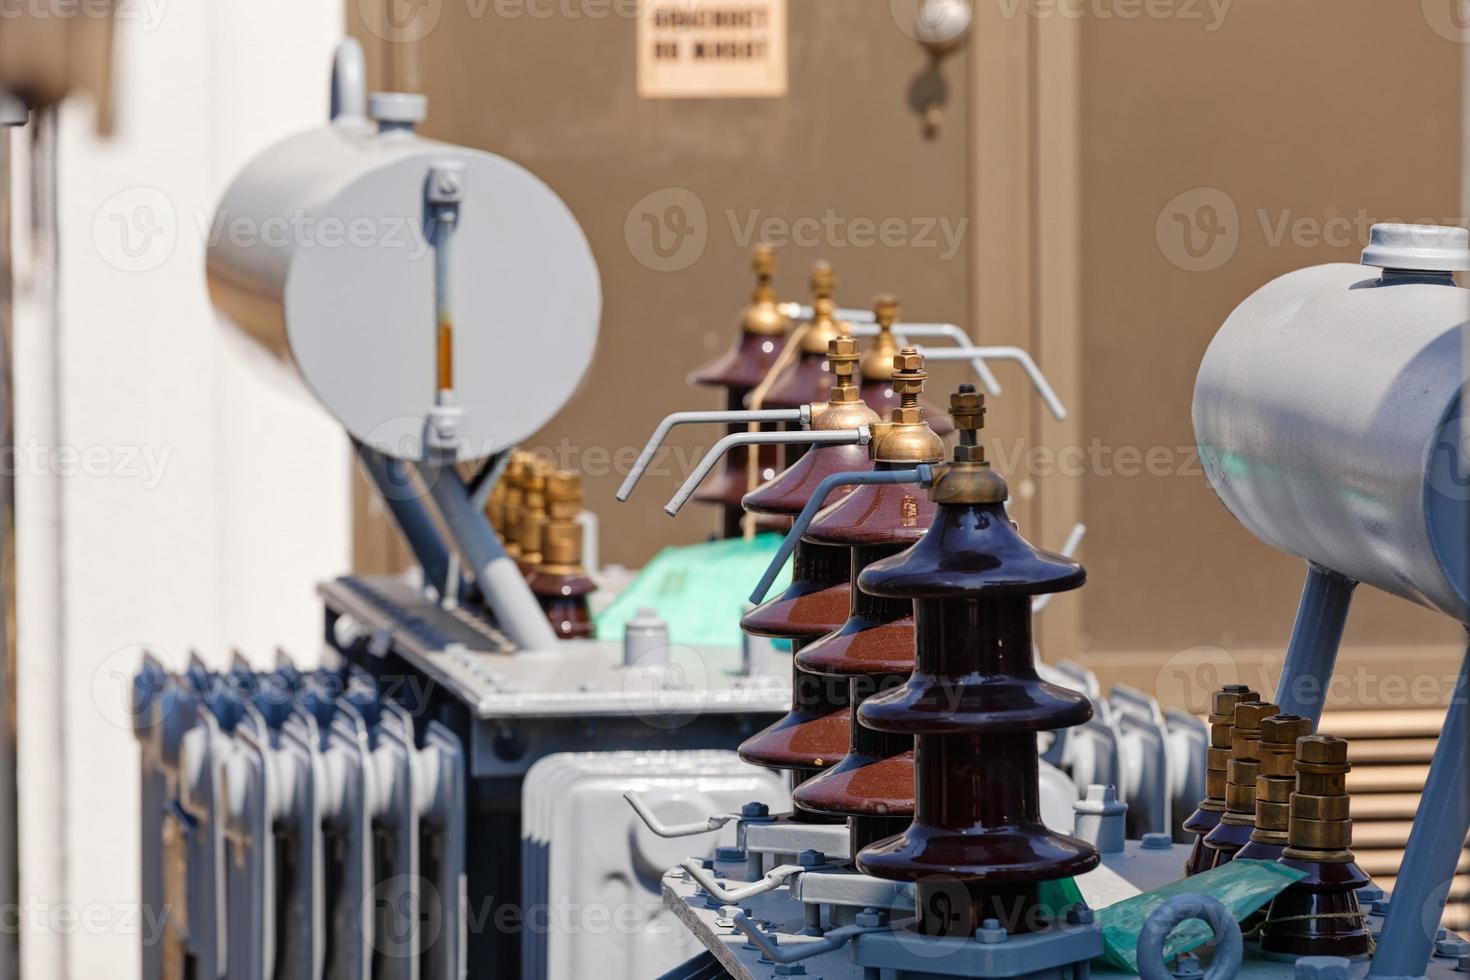 ny högspänningstransformator foto